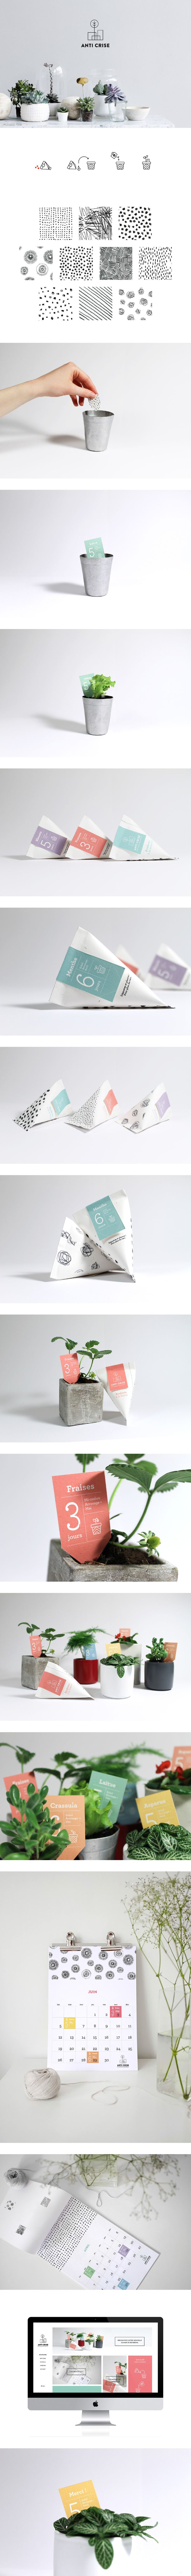 Una buena manera de mostrar el producto y la marca en todas sus aplicaciones #packaging #diseño #minimalismo